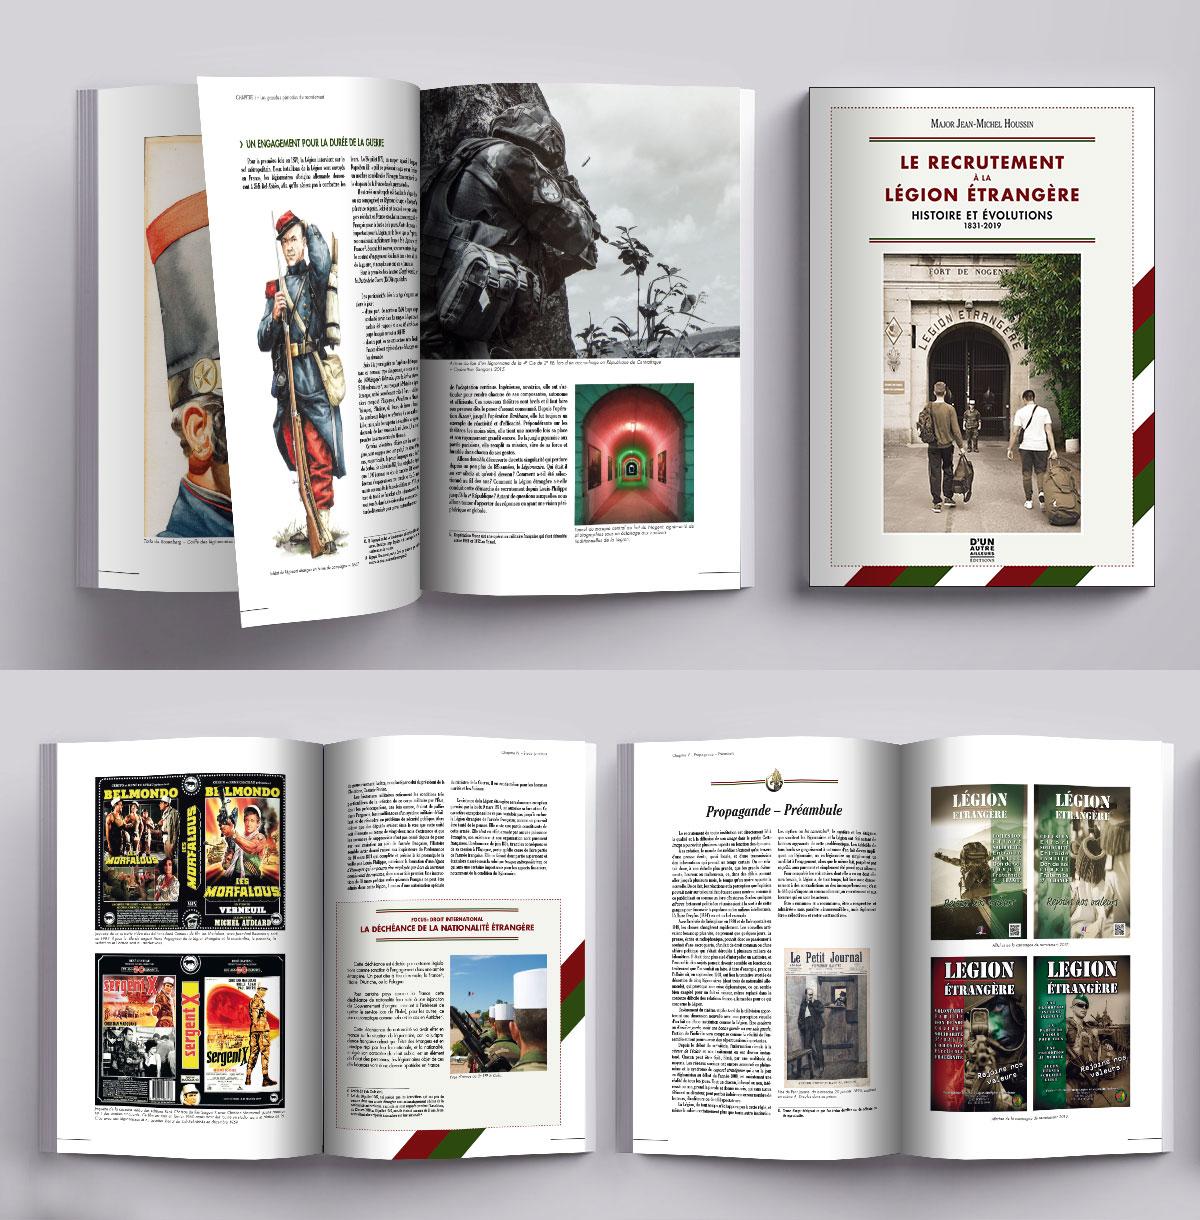 Création et mise en page de livres d'histoire sur la Légion Étrangère